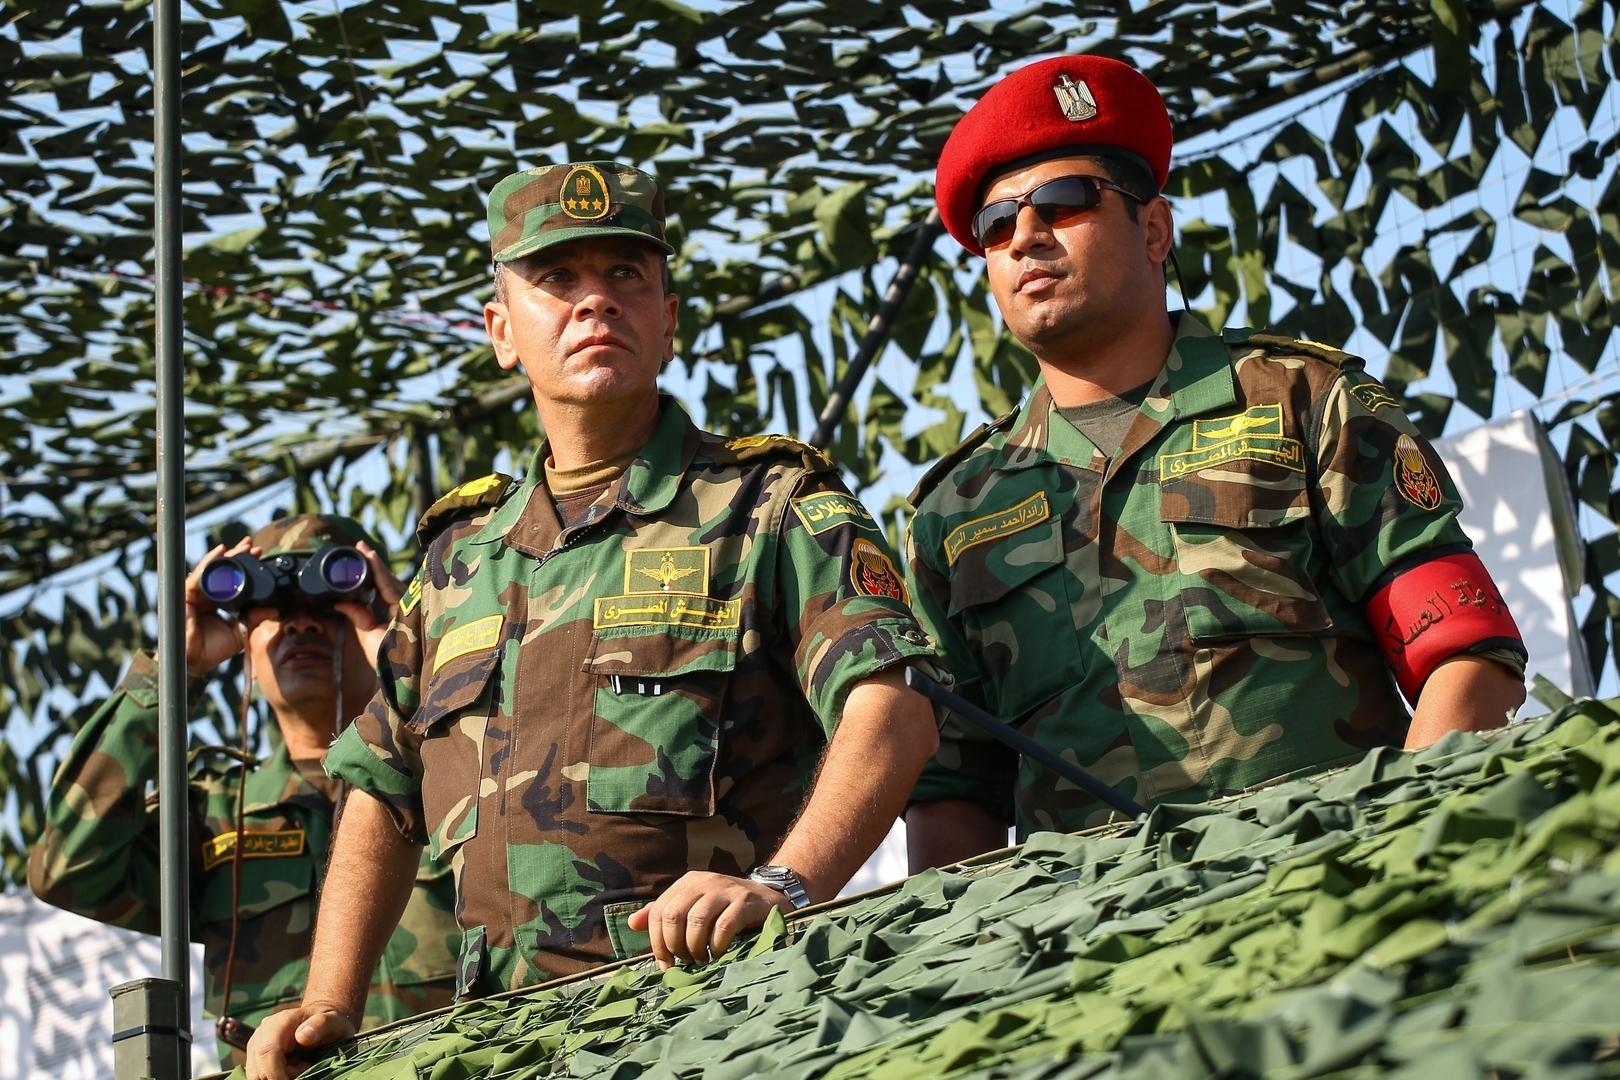 الجيش المصري يبحث استراتيجية مقترحة لـ